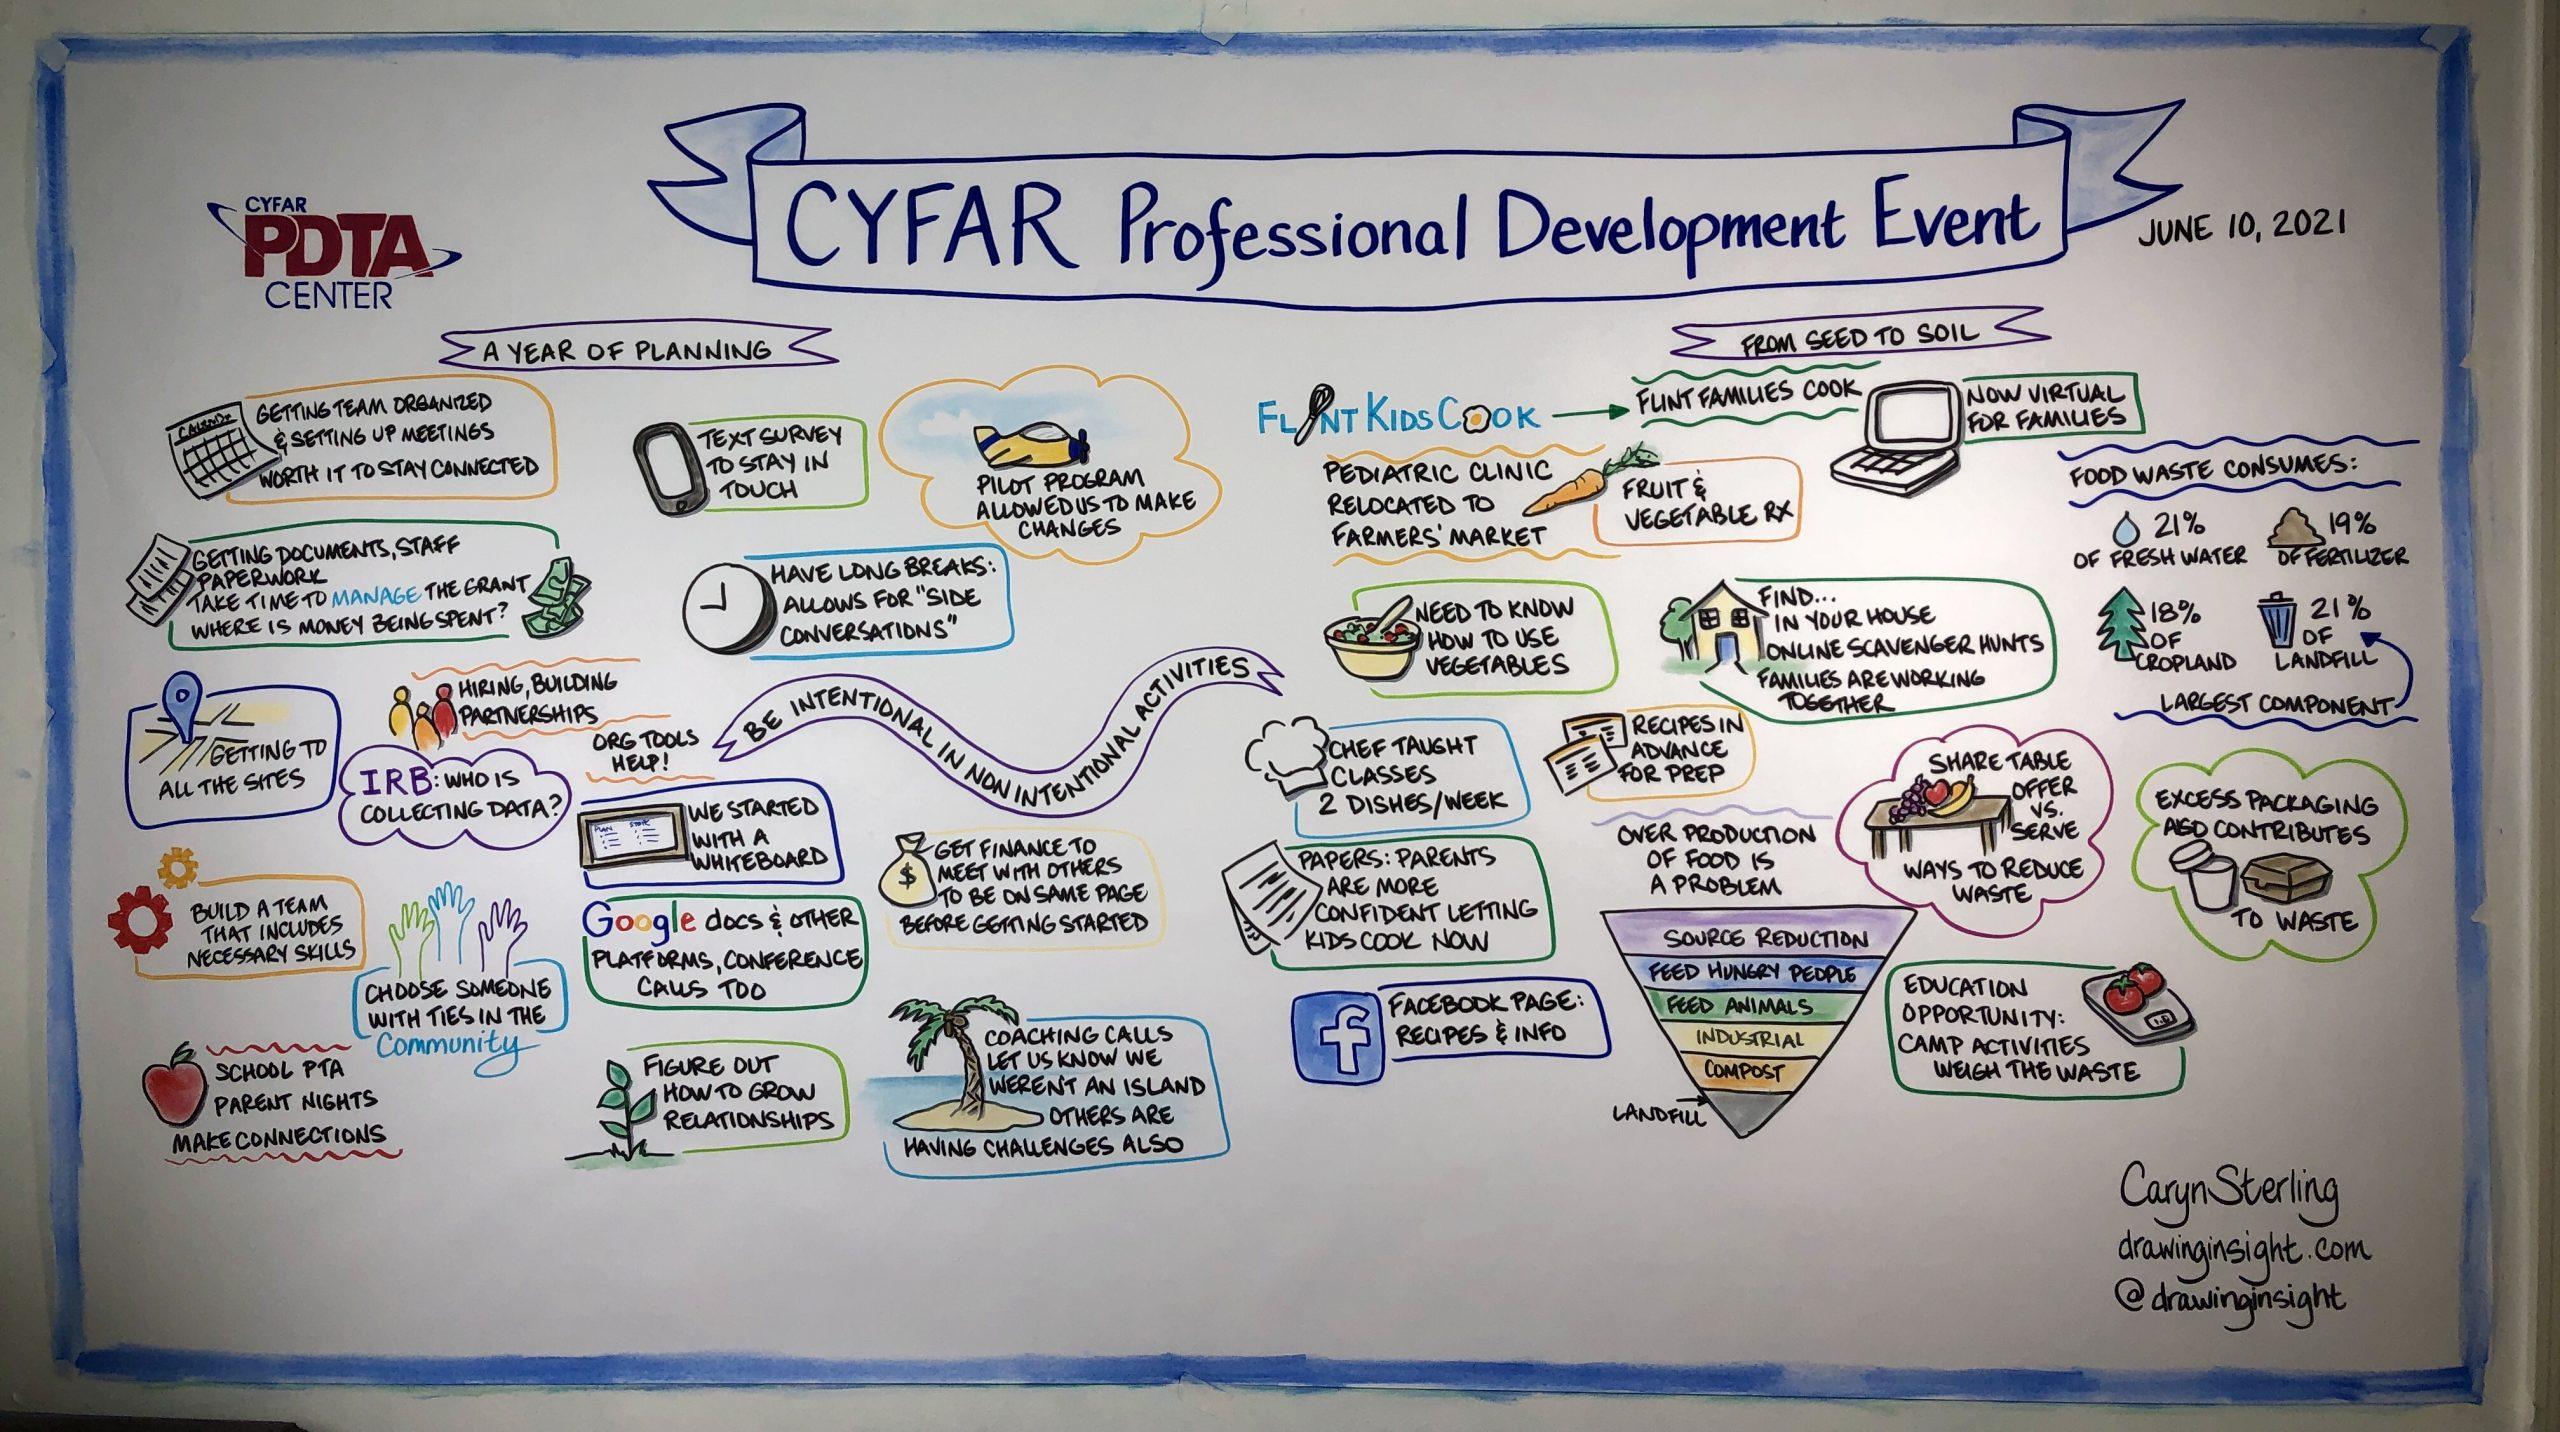 CYFAR 2021 Day 2